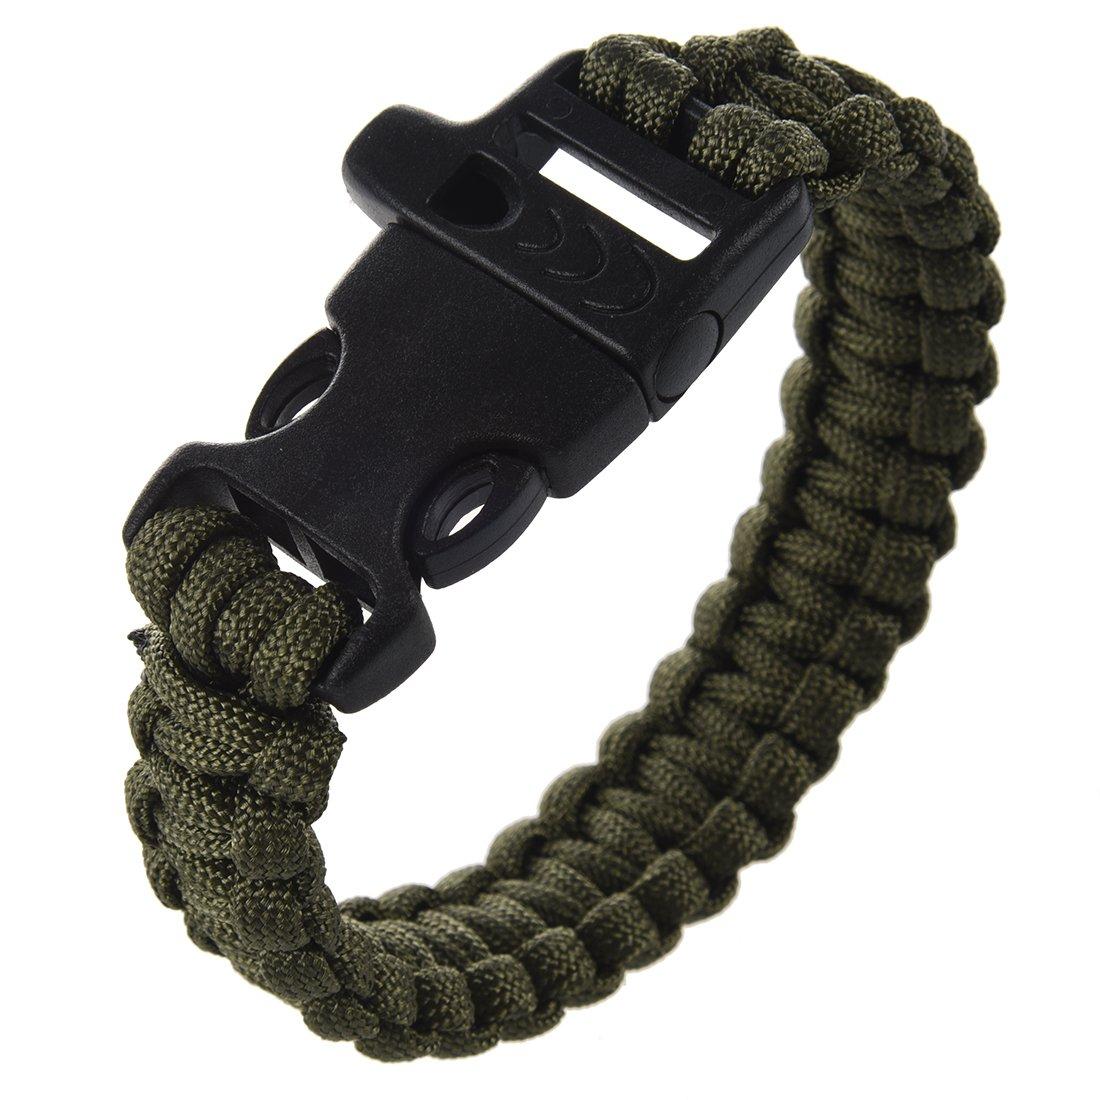 Verde Militare REFURBISHHOUSE 23 Centimetri Strap Braccialetto di Paracord Paracadute di Sopravvivenza Corda con Plastic Buckle